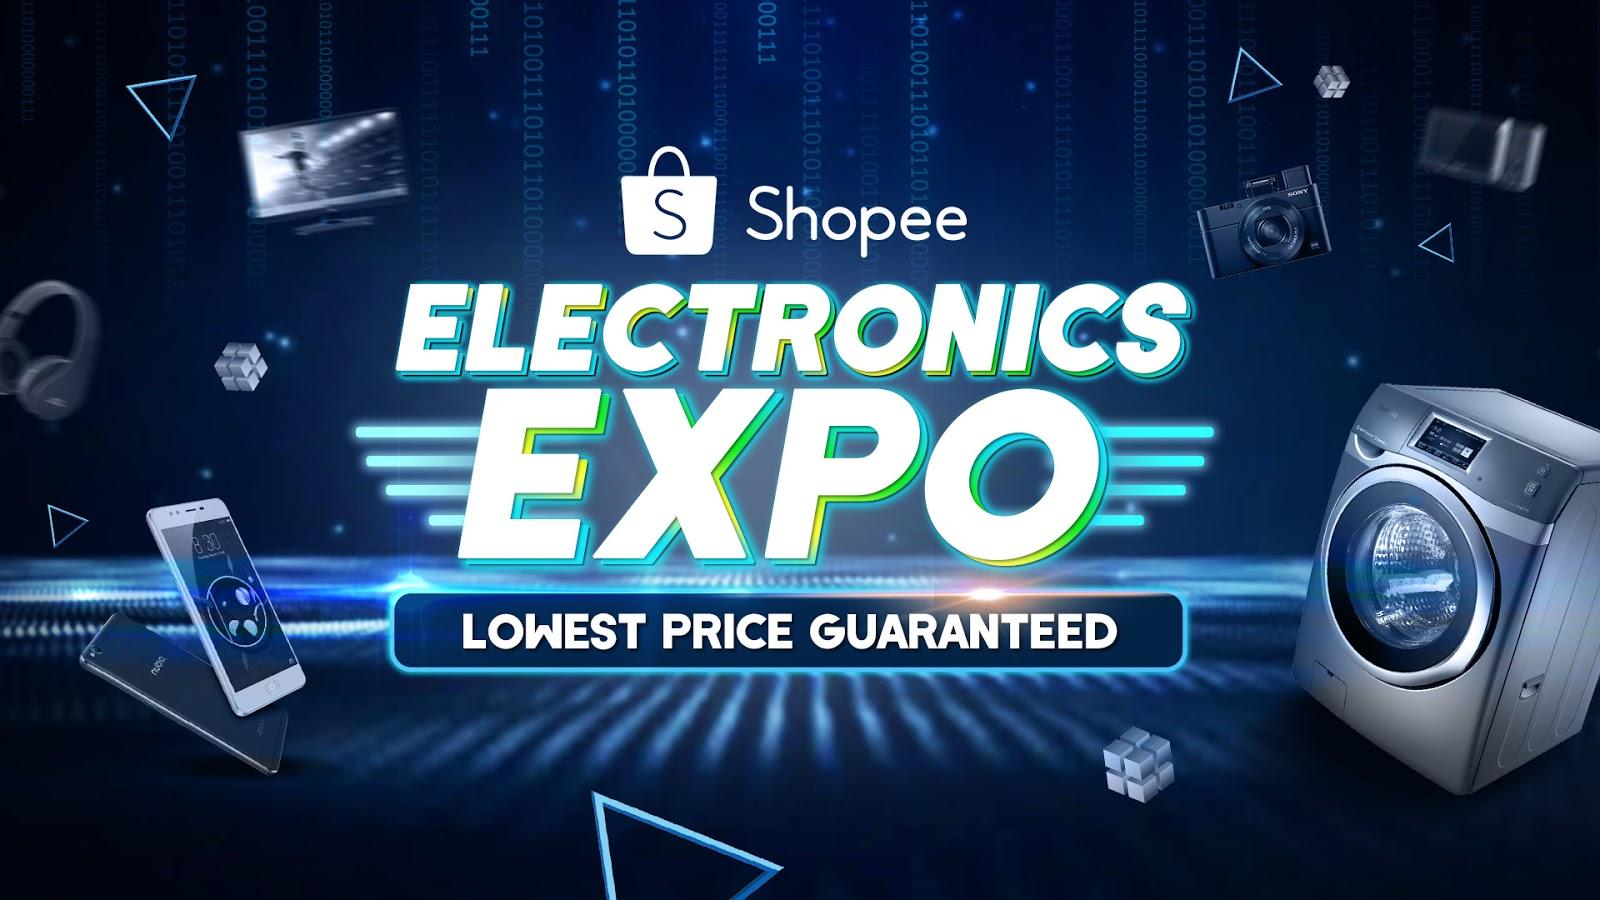 Ekspo Elektronik Shopee